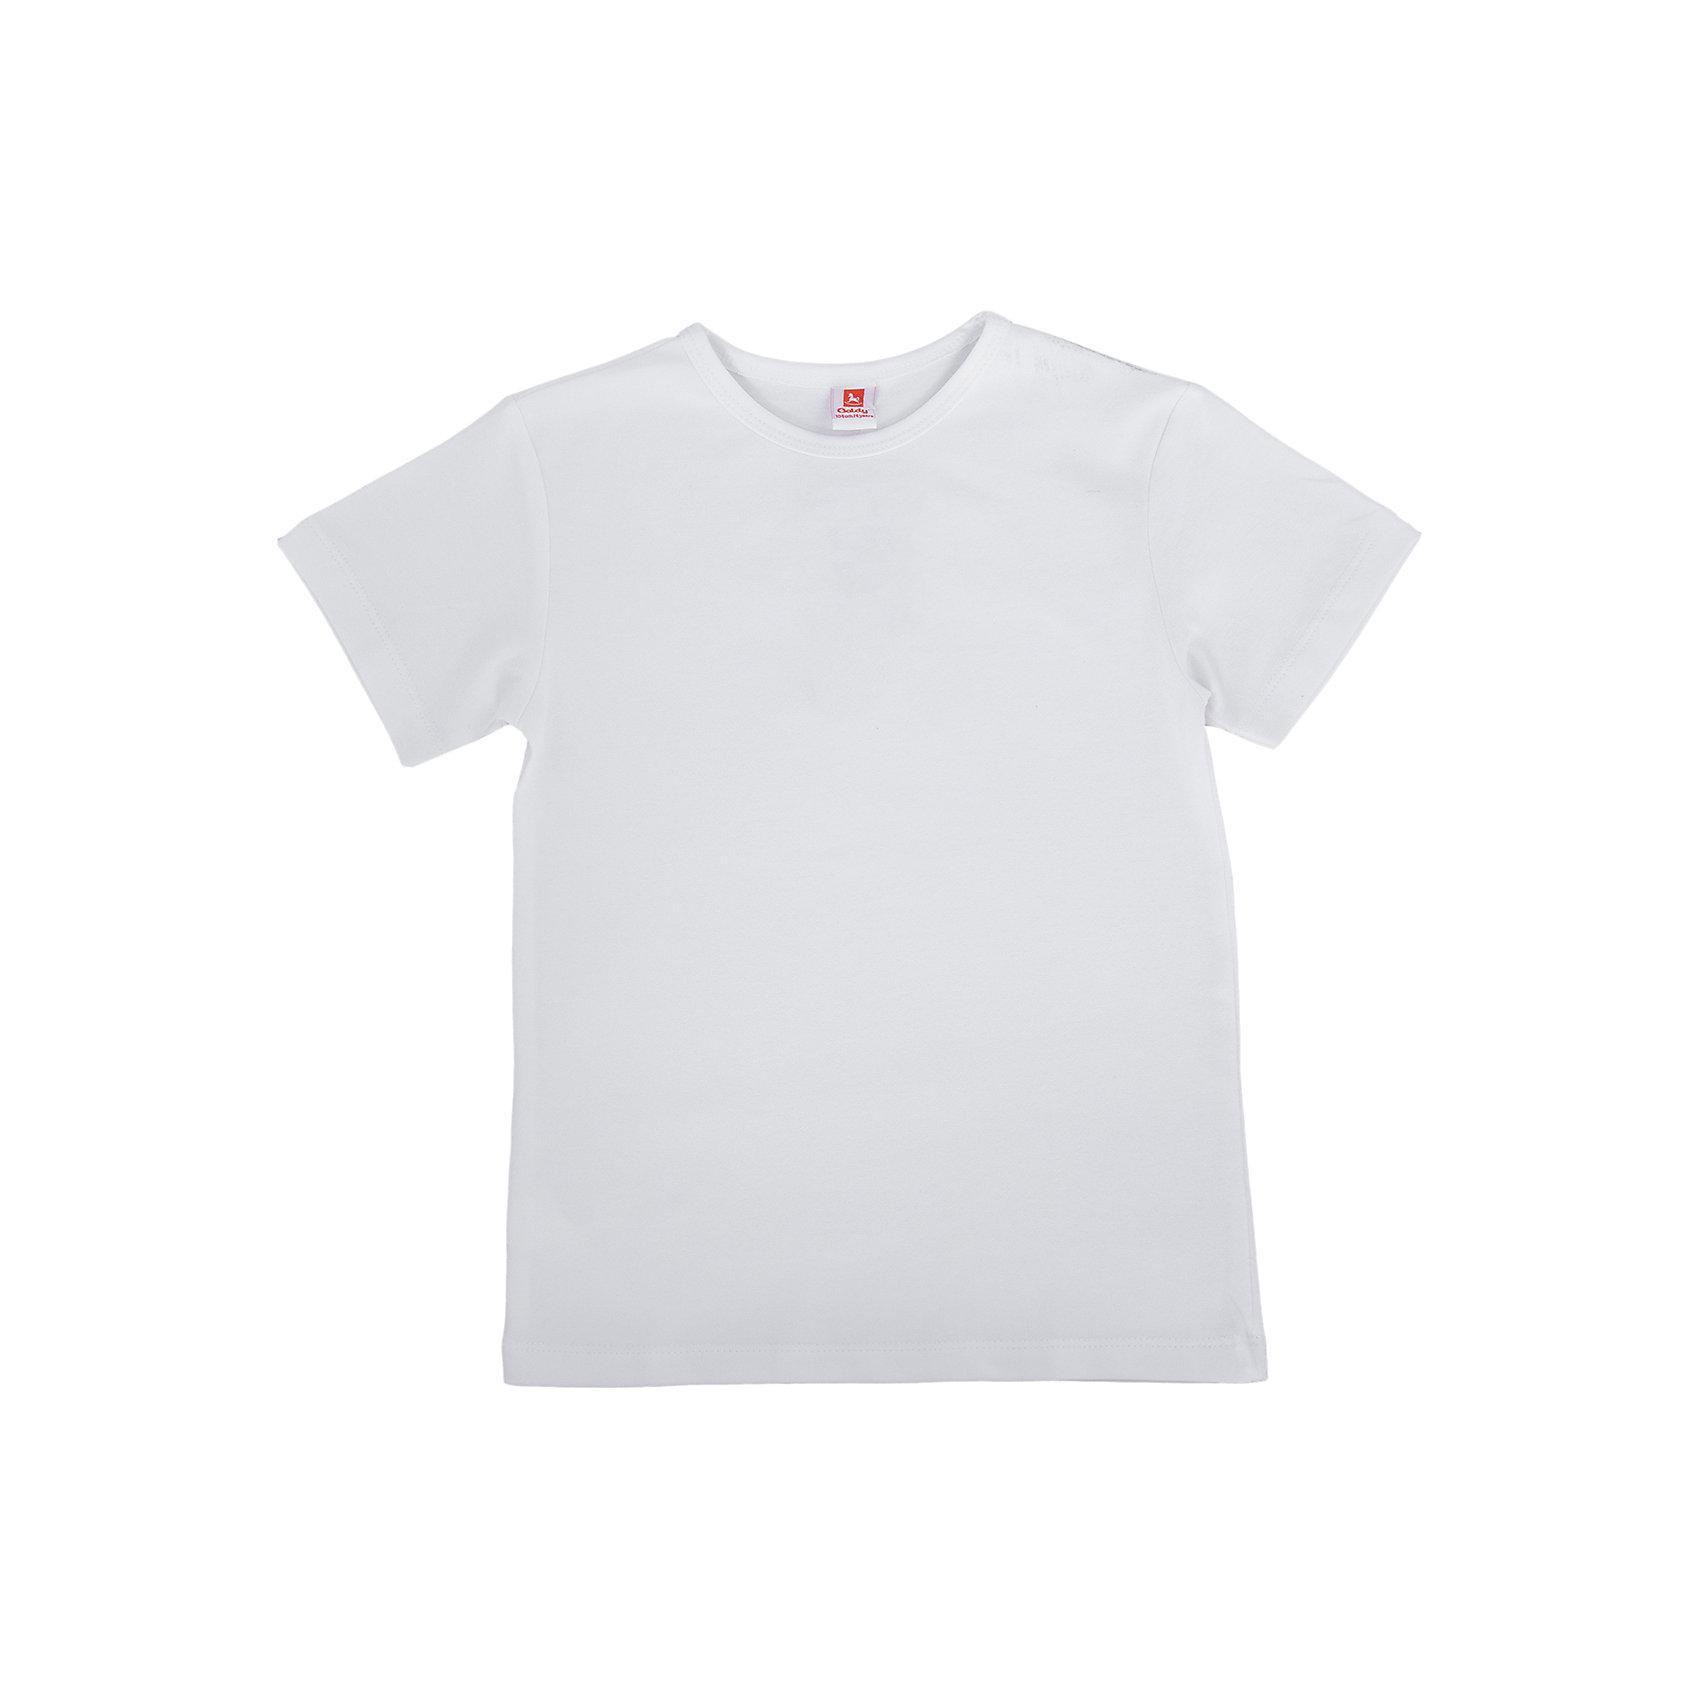 Футболка для мальчика GoldyУдобная универсальная футболка для мальчика поможет разнообразить гардероб, создать подходящий погоде ансамбль. Удобный крой и качественный материал обеспечат ребенку комфорт при ношении изделия. <br>Футболка смотрится аккуратно, хорошо сидит по фигуре. Универсальный цвет делает ее подходящей практически к любому наряду. Материал - легкий, но прочный, отлично подходит для детской одежды, состоит преимущественно из дышащего натурального хлопка. Очень приятен на ощупь, не вызывает аллергии.<br><br>Дополнительная информация:<br><br>материал: хлопок 96%, эластан 4%;<br>цвет: белый;<br>круглый горловой вырез;<br>короткие рукава.<br><br>Футболку для мальчика от бренда Goldy (Голди) можно купить в нашем магазине.<br><br>Ширина мм: 199<br>Глубина мм: 10<br>Высота мм: 161<br>Вес г: 151<br>Цвет: белый<br>Возраст от месяцев: 24<br>Возраст до месяцев: 36<br>Пол: Мужской<br>Возраст: Детский<br>Размер: 98,104,110,116,122,92<br>SKU: 4793700